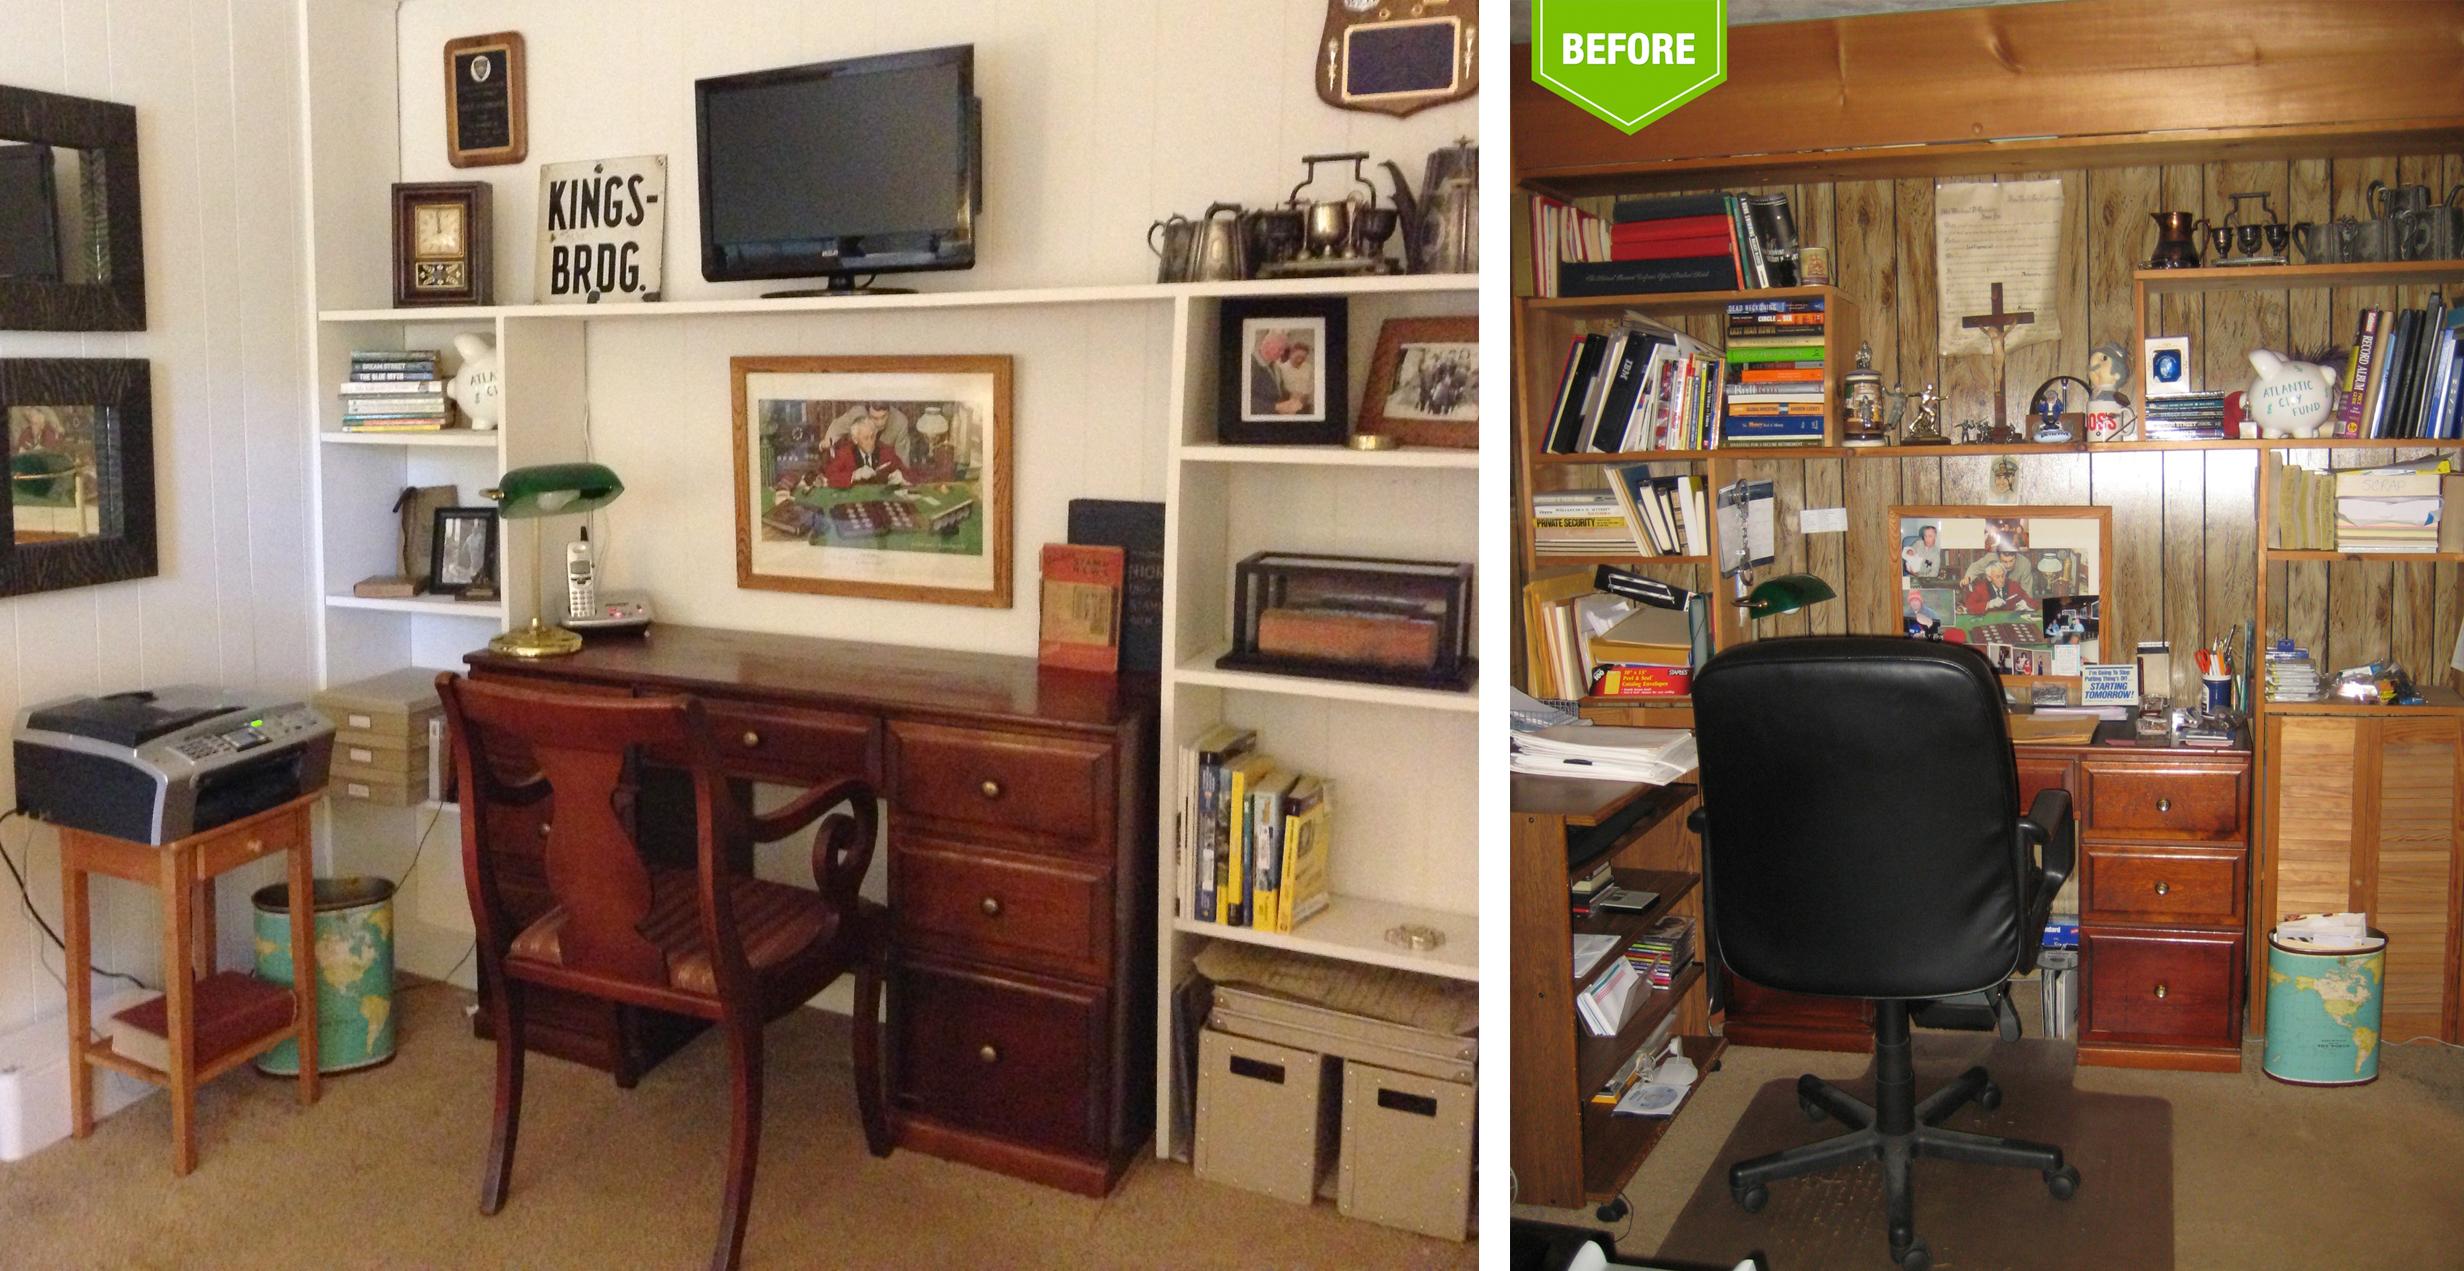 Desk_BeforeAfter_COMBINED.jpg